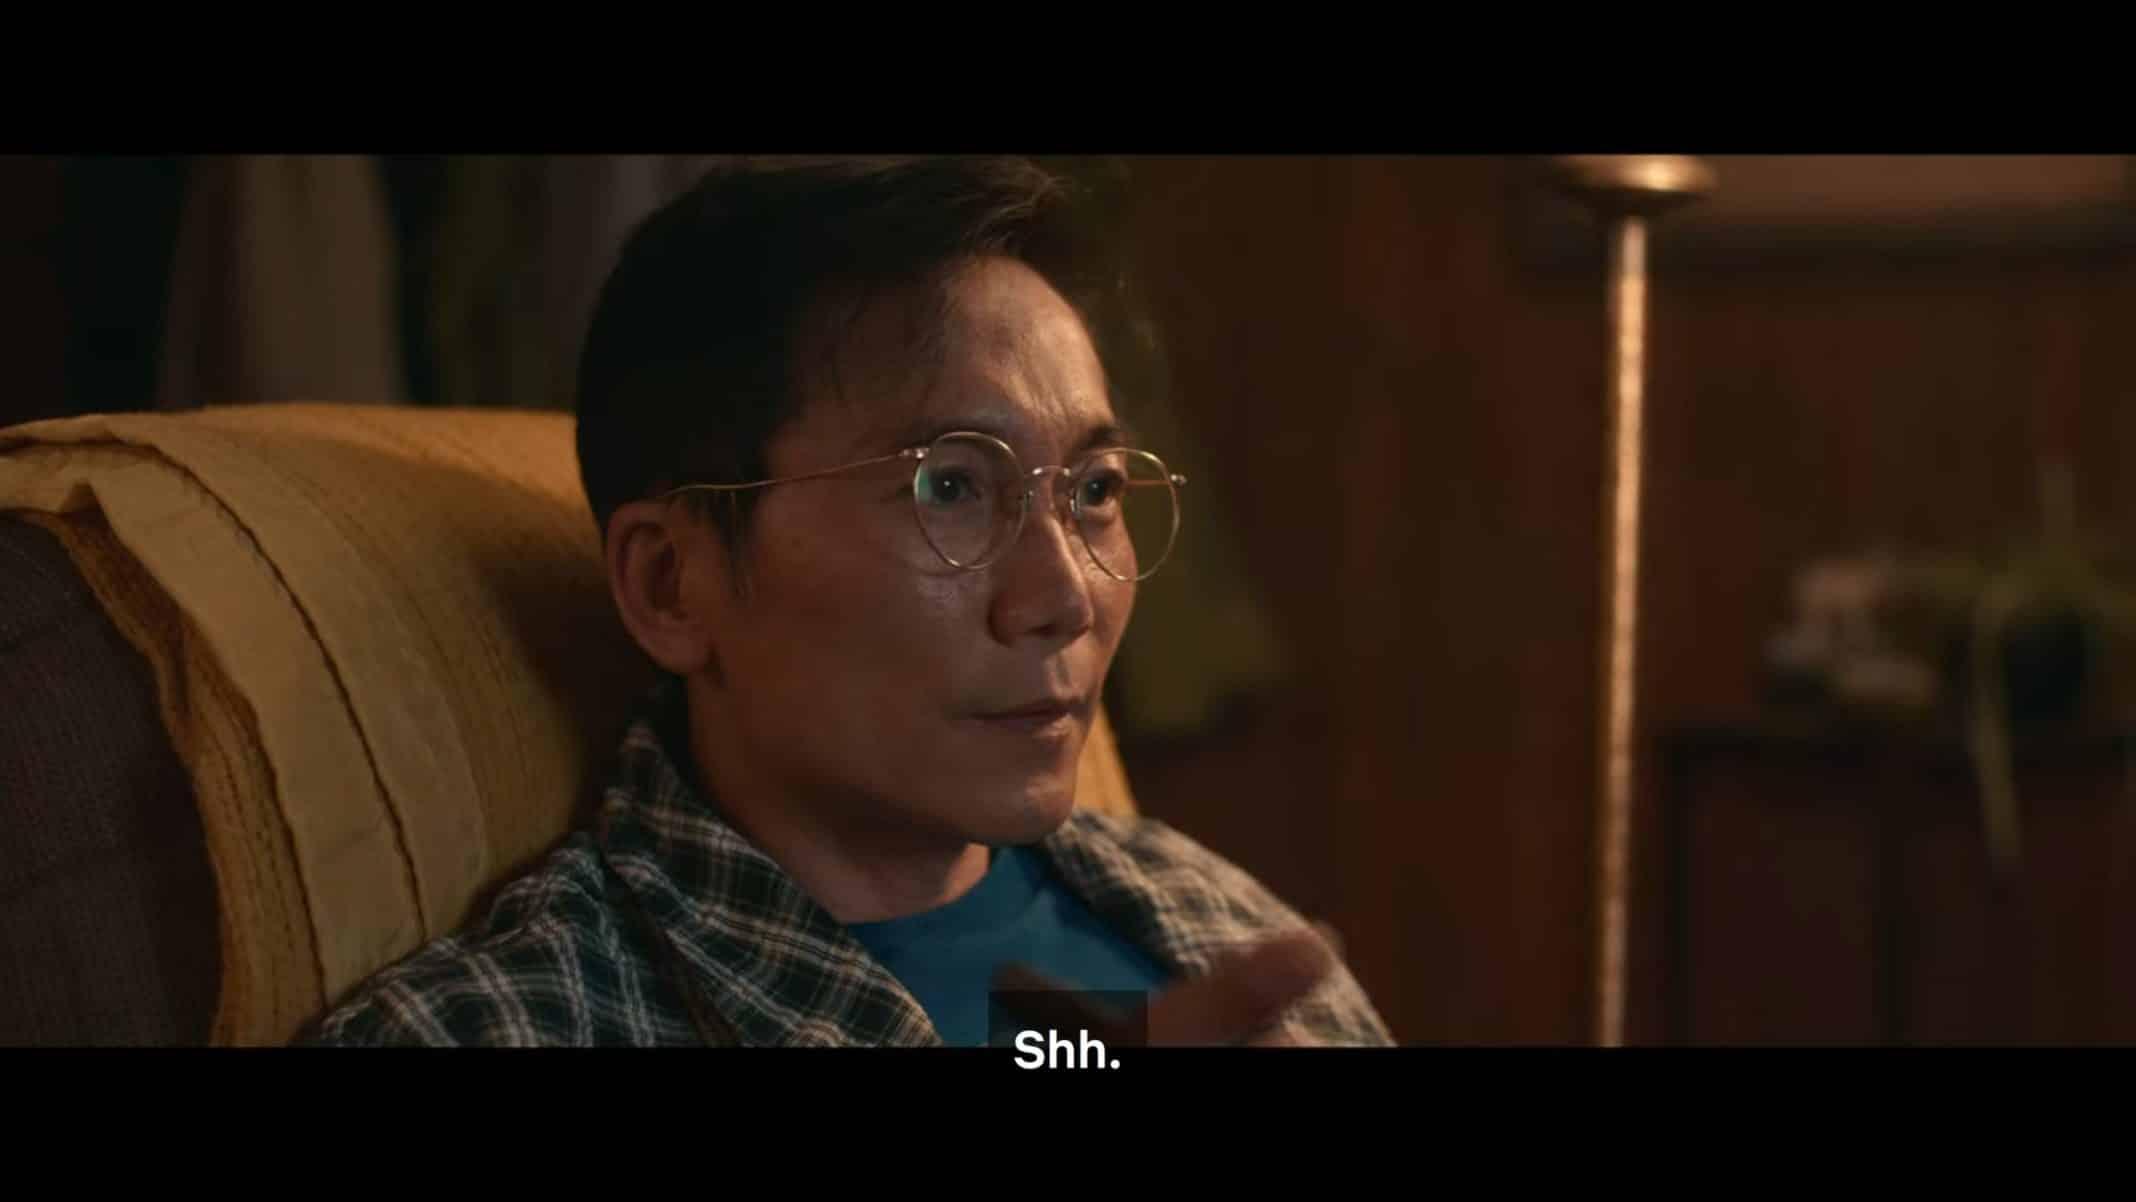 Edwin (Collin Chou) watching a movie.